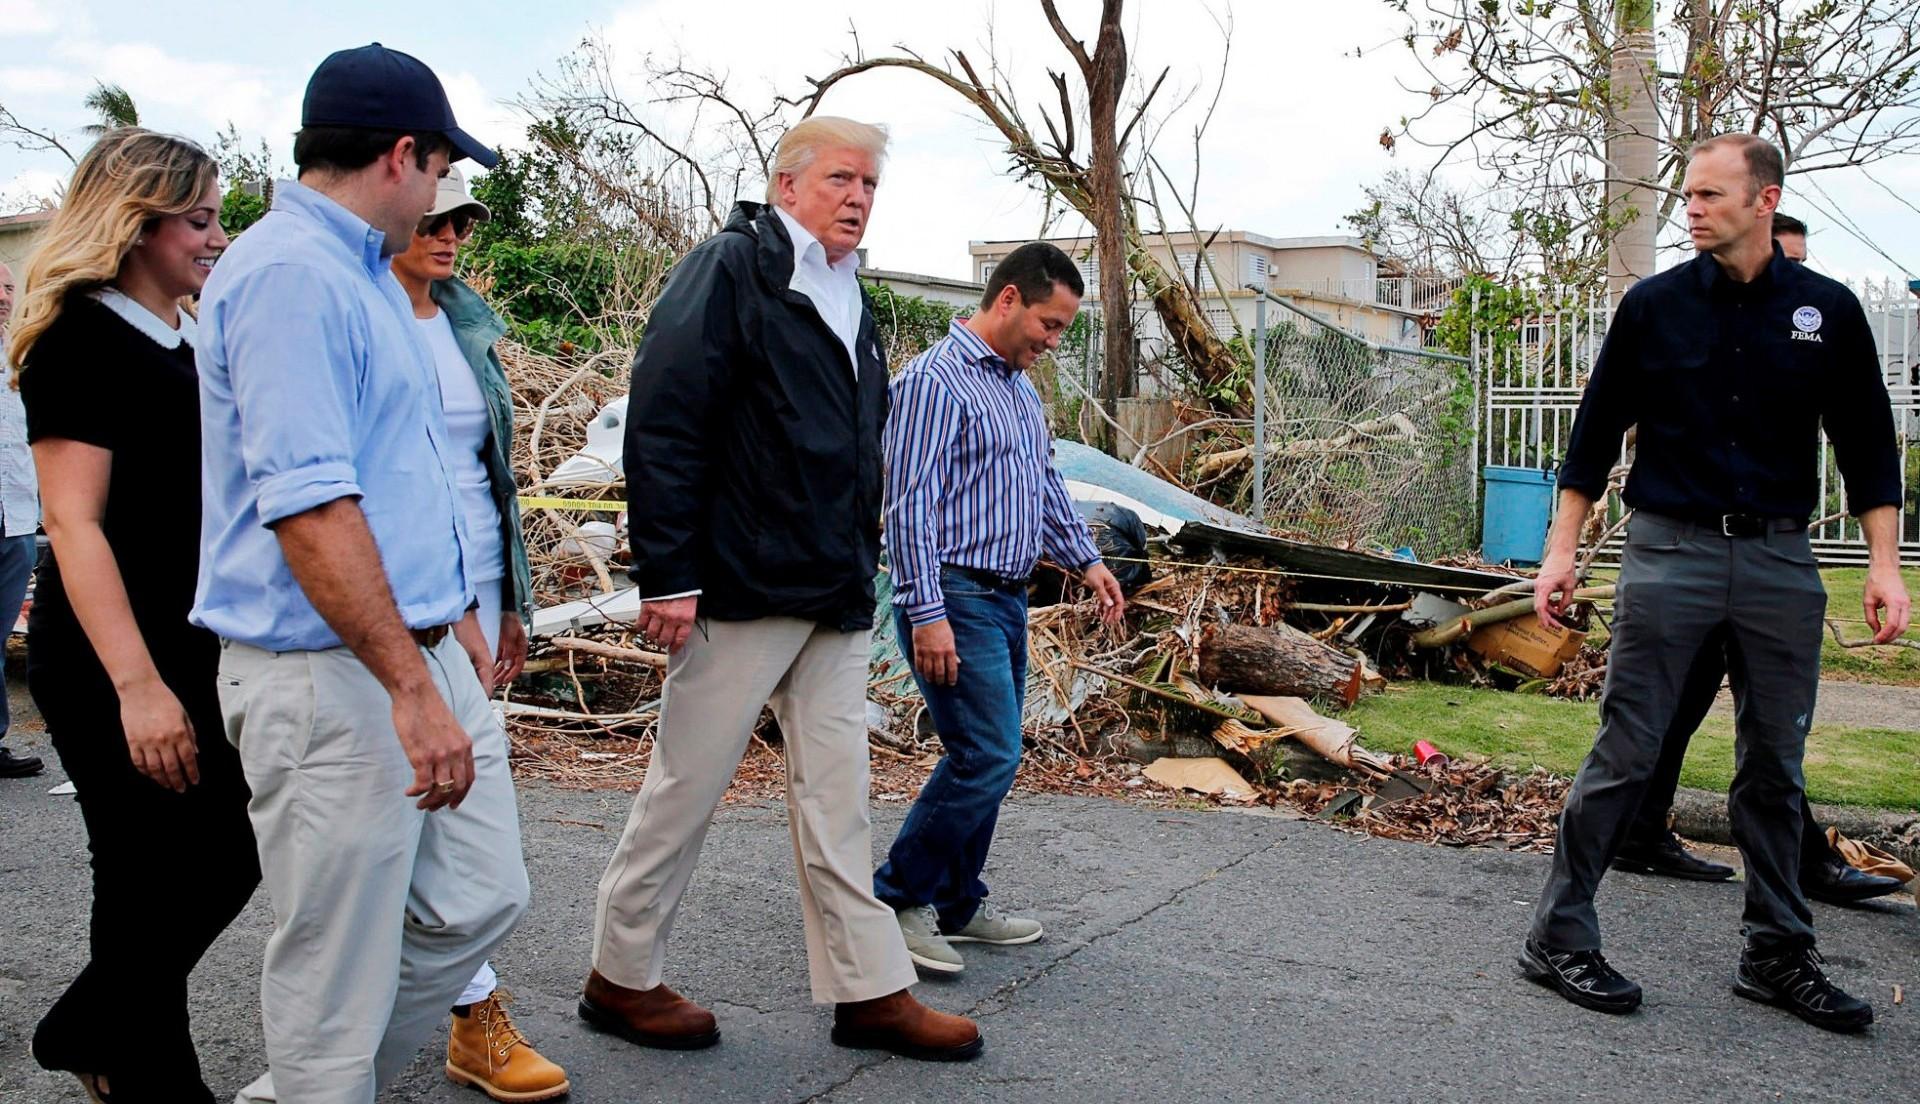 El presidente de los Estados Unidos, Donald Trump, recorre Puerto Rico un mes después del paso del huracán María, acompañado de Rosselló Nevares y el administrador de FEMA, Brock Long